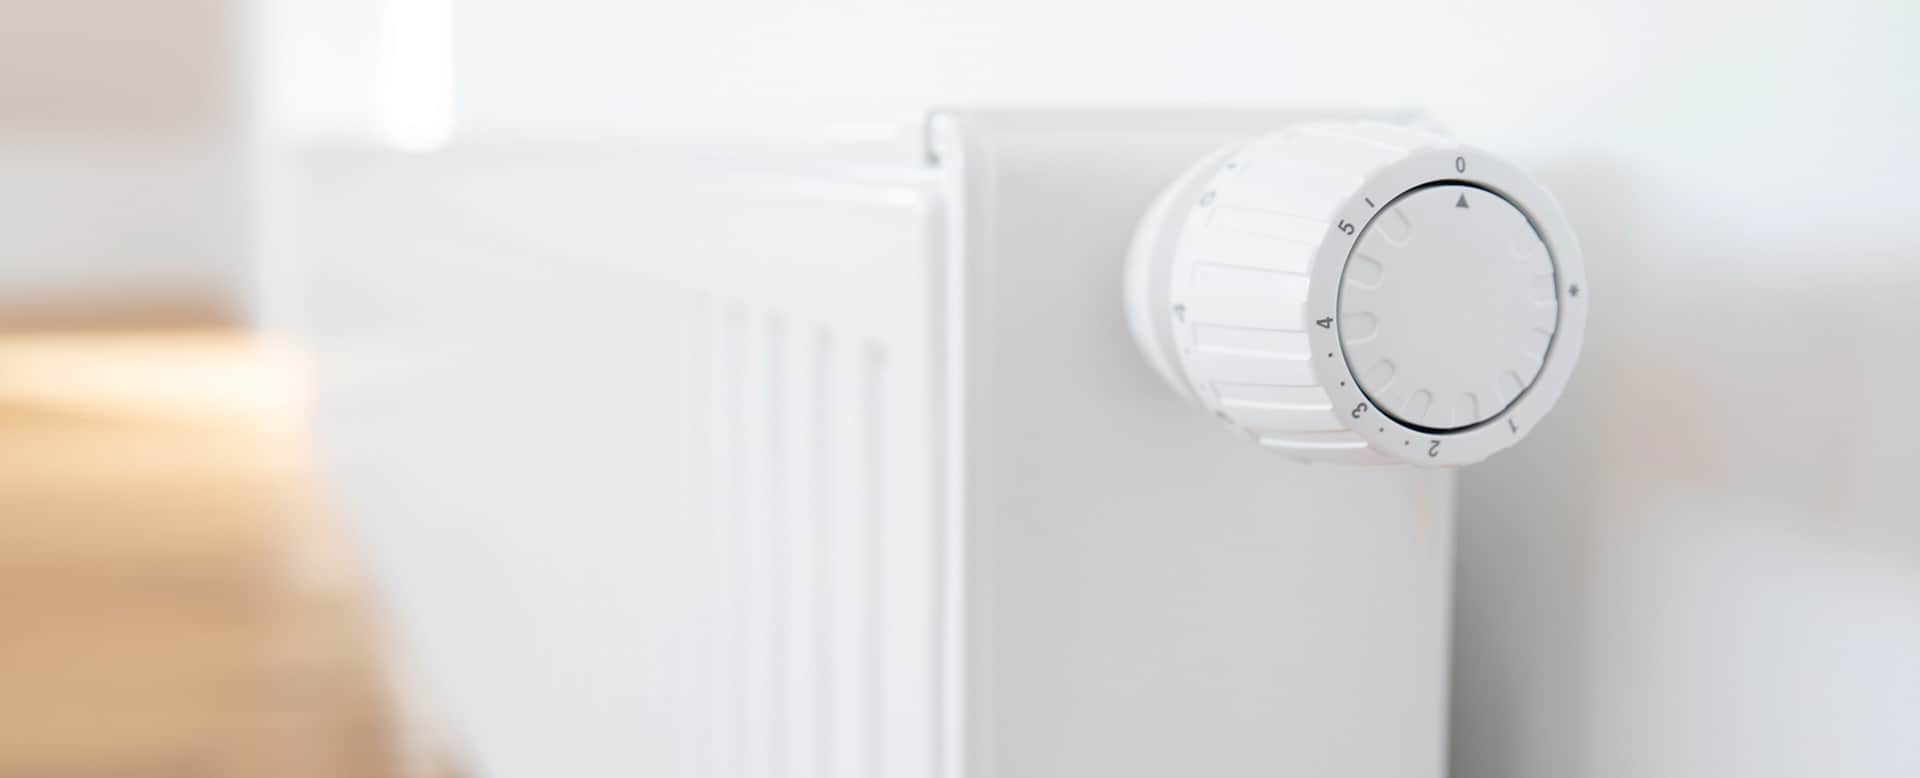 Heizkörper und Thermostat